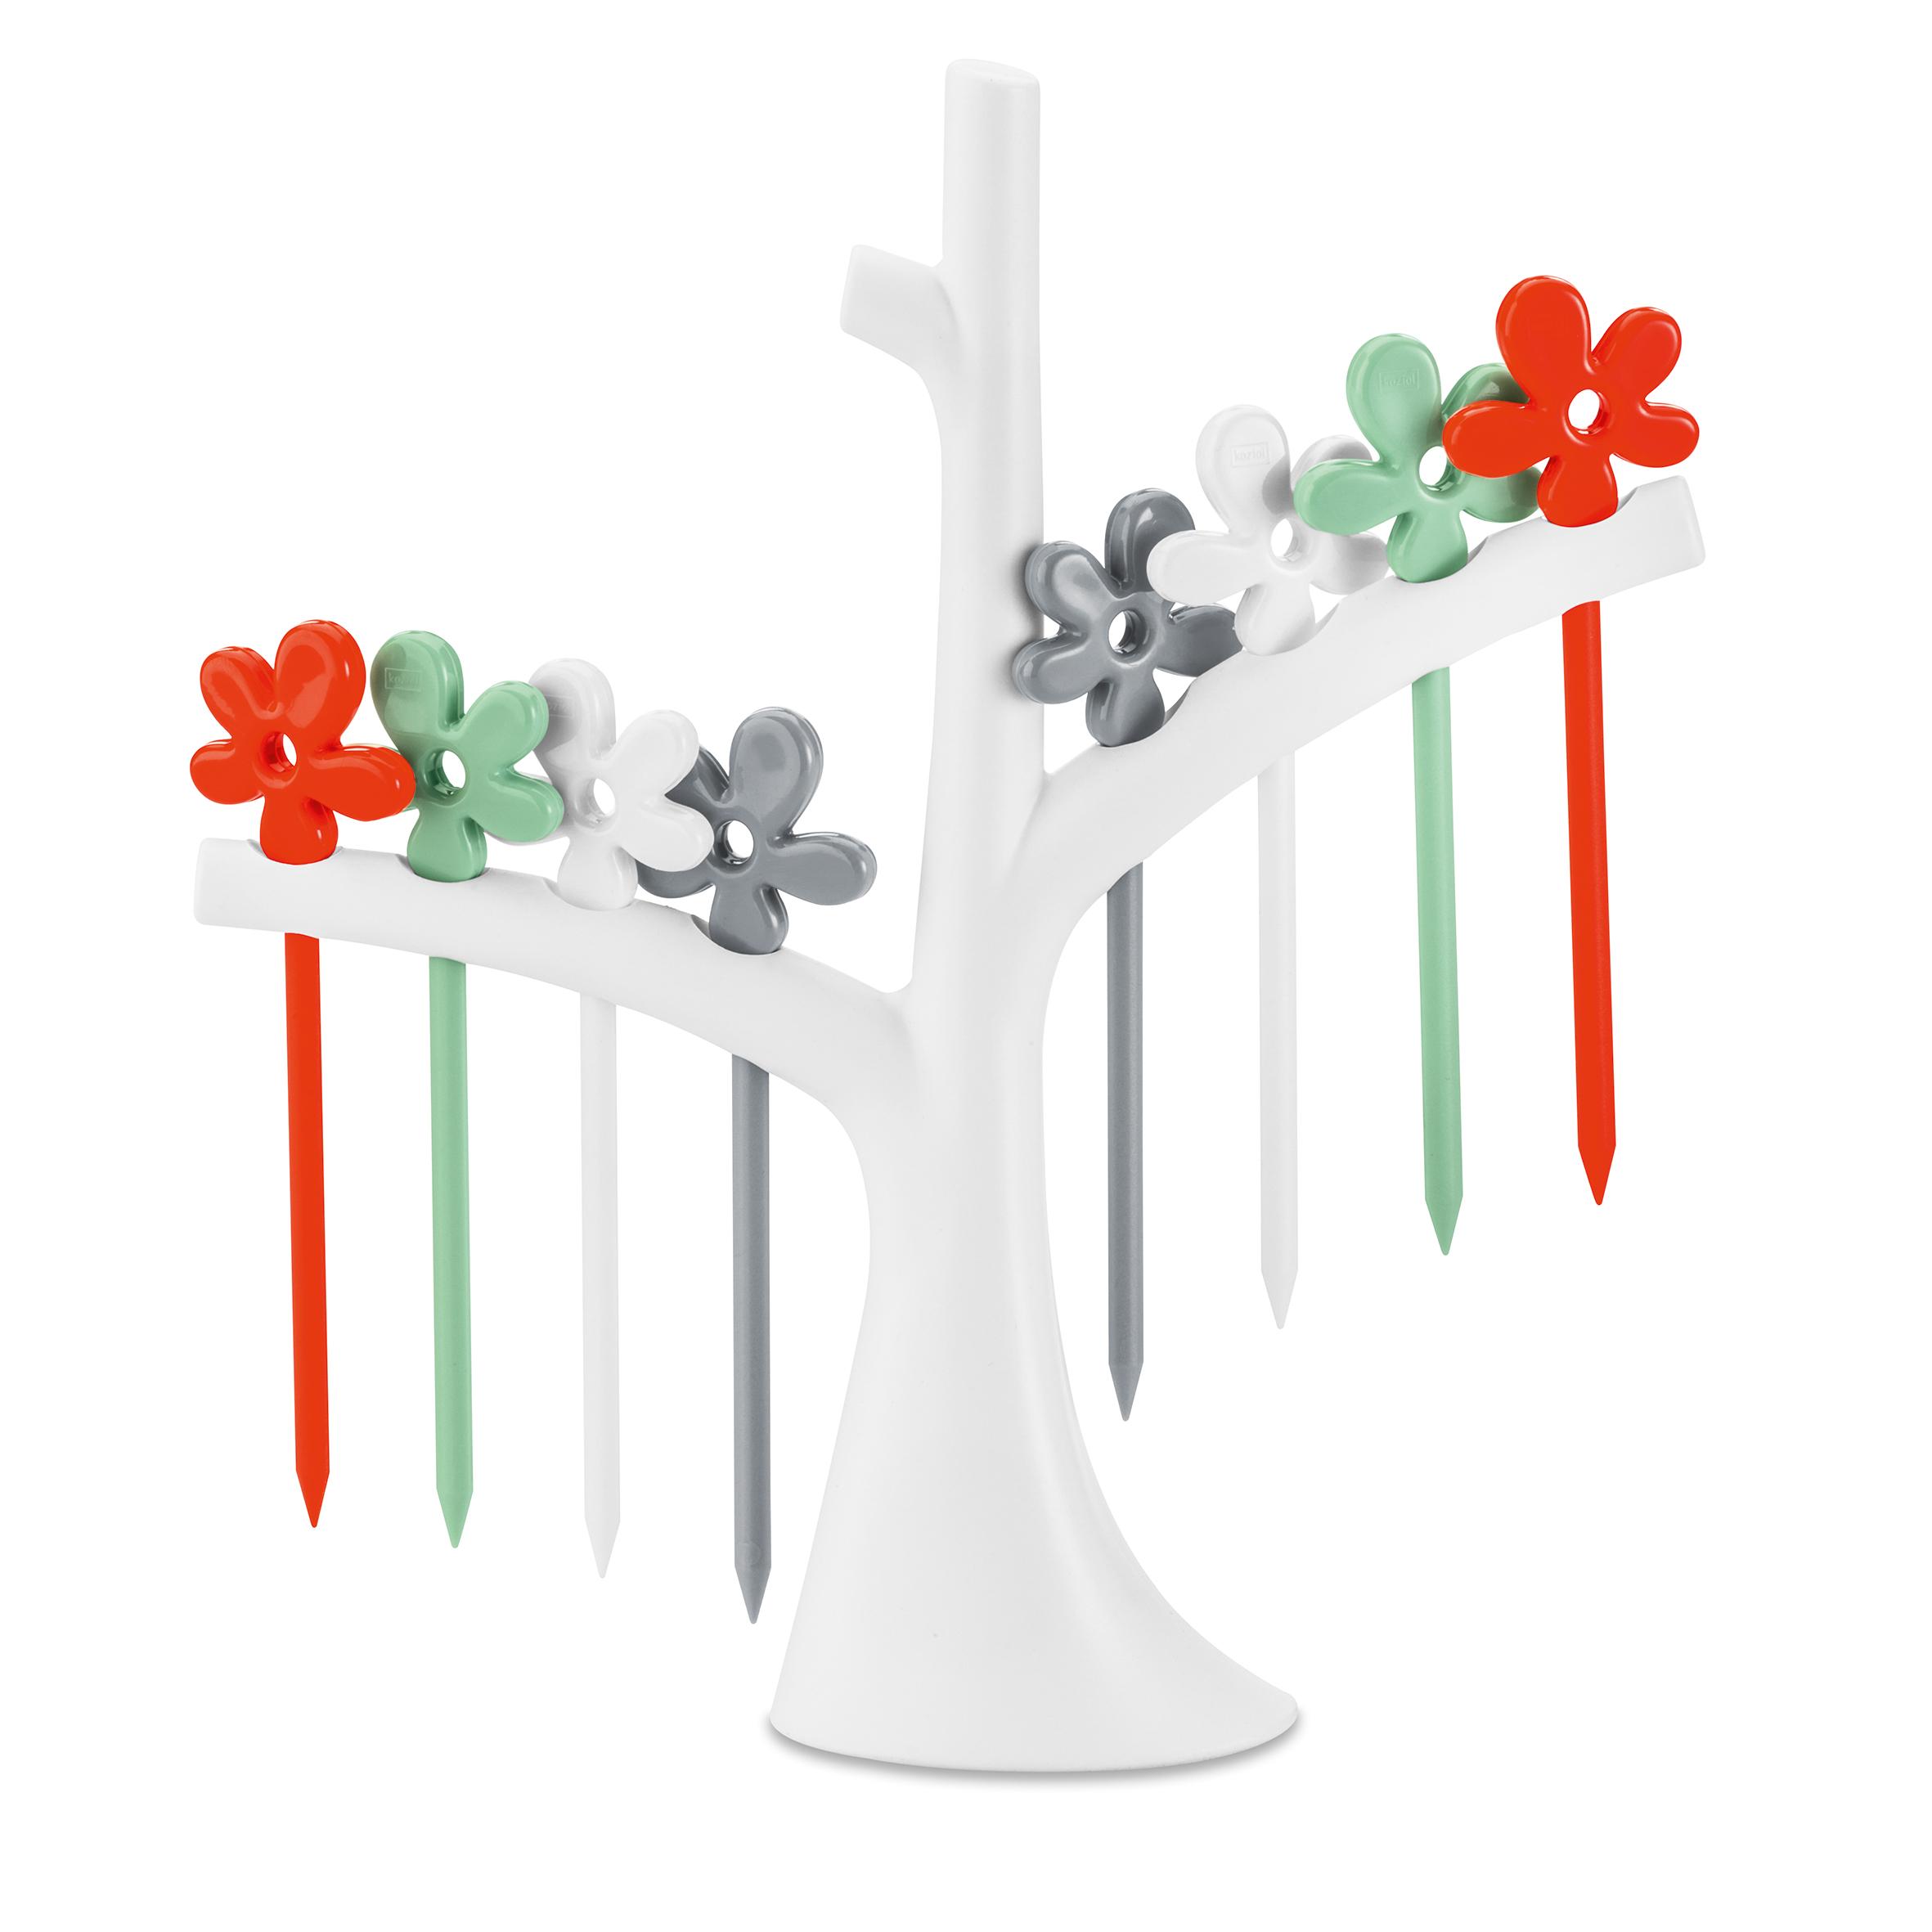 節慶派對佈置館 KOZIOL 樹梢櫻花短叉 (8入) 白橘灰綠